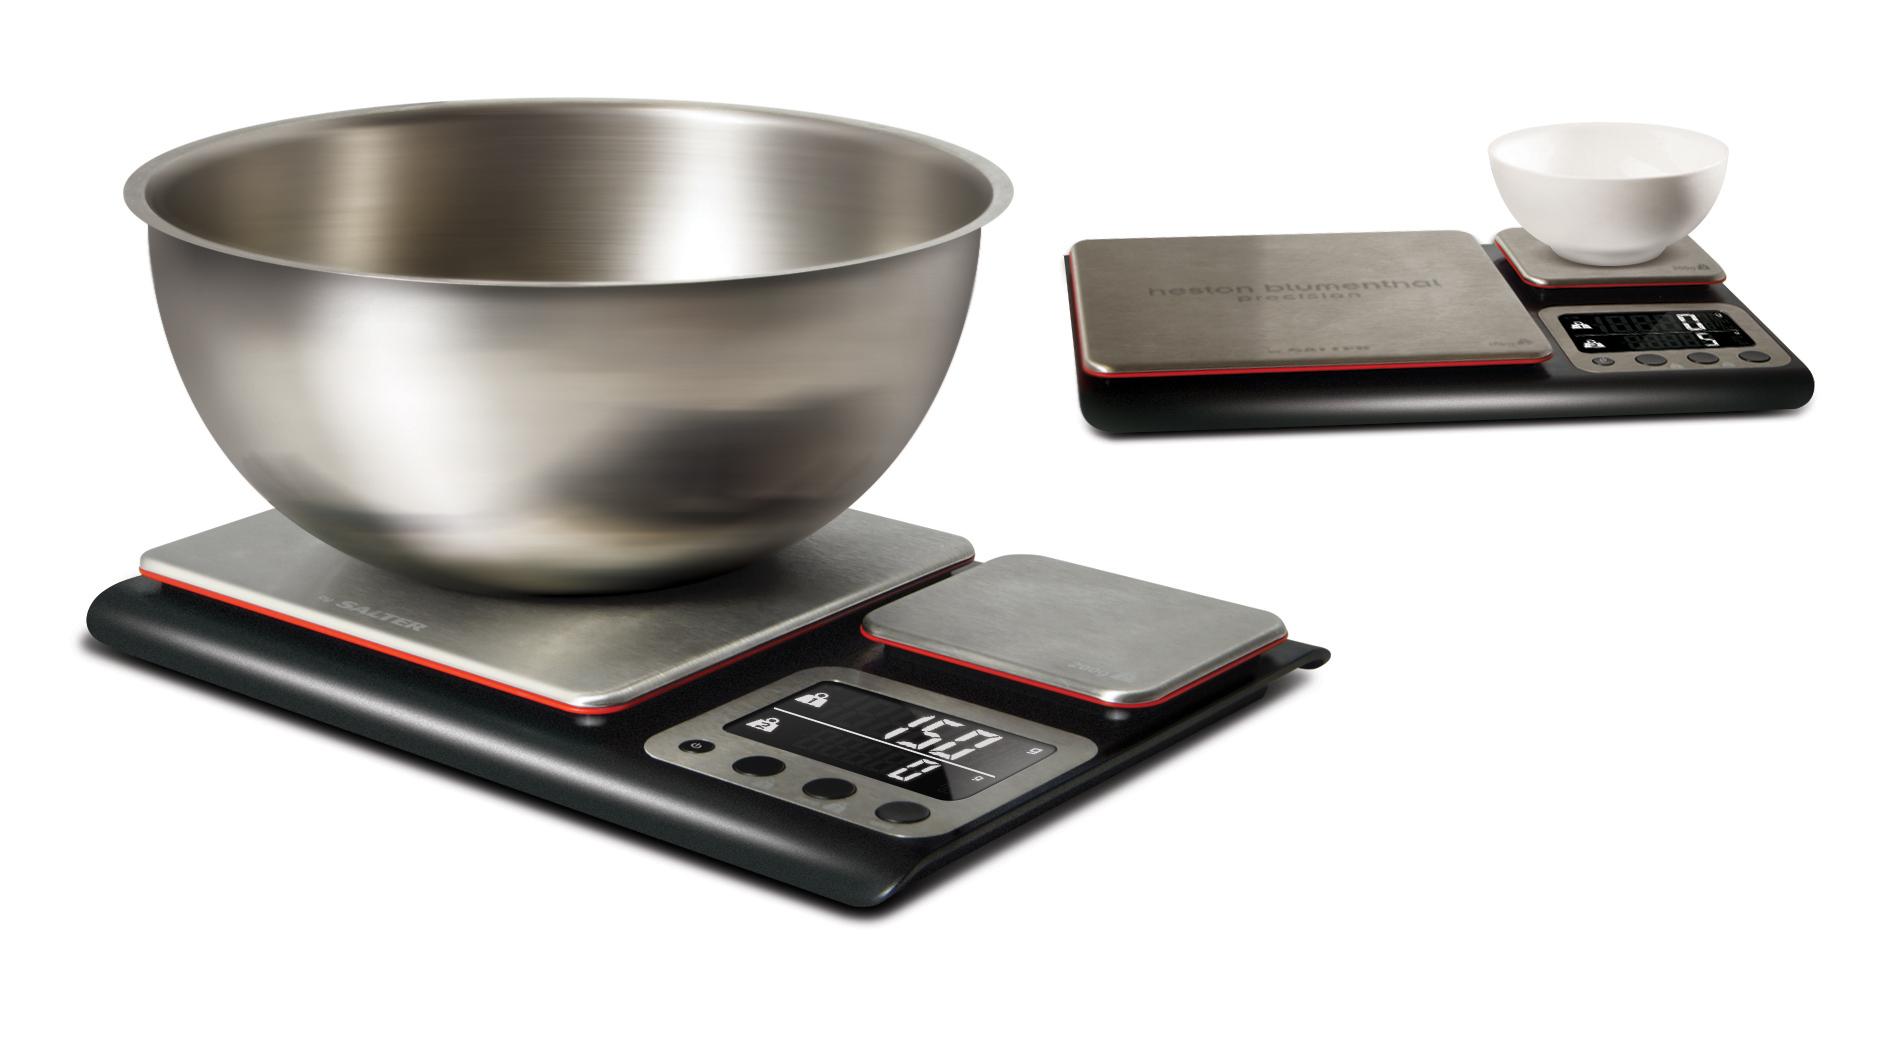 Sentinel Salter 10kg Digital Kitchen Scales Heston Blumenthal Dual Platform Precision New